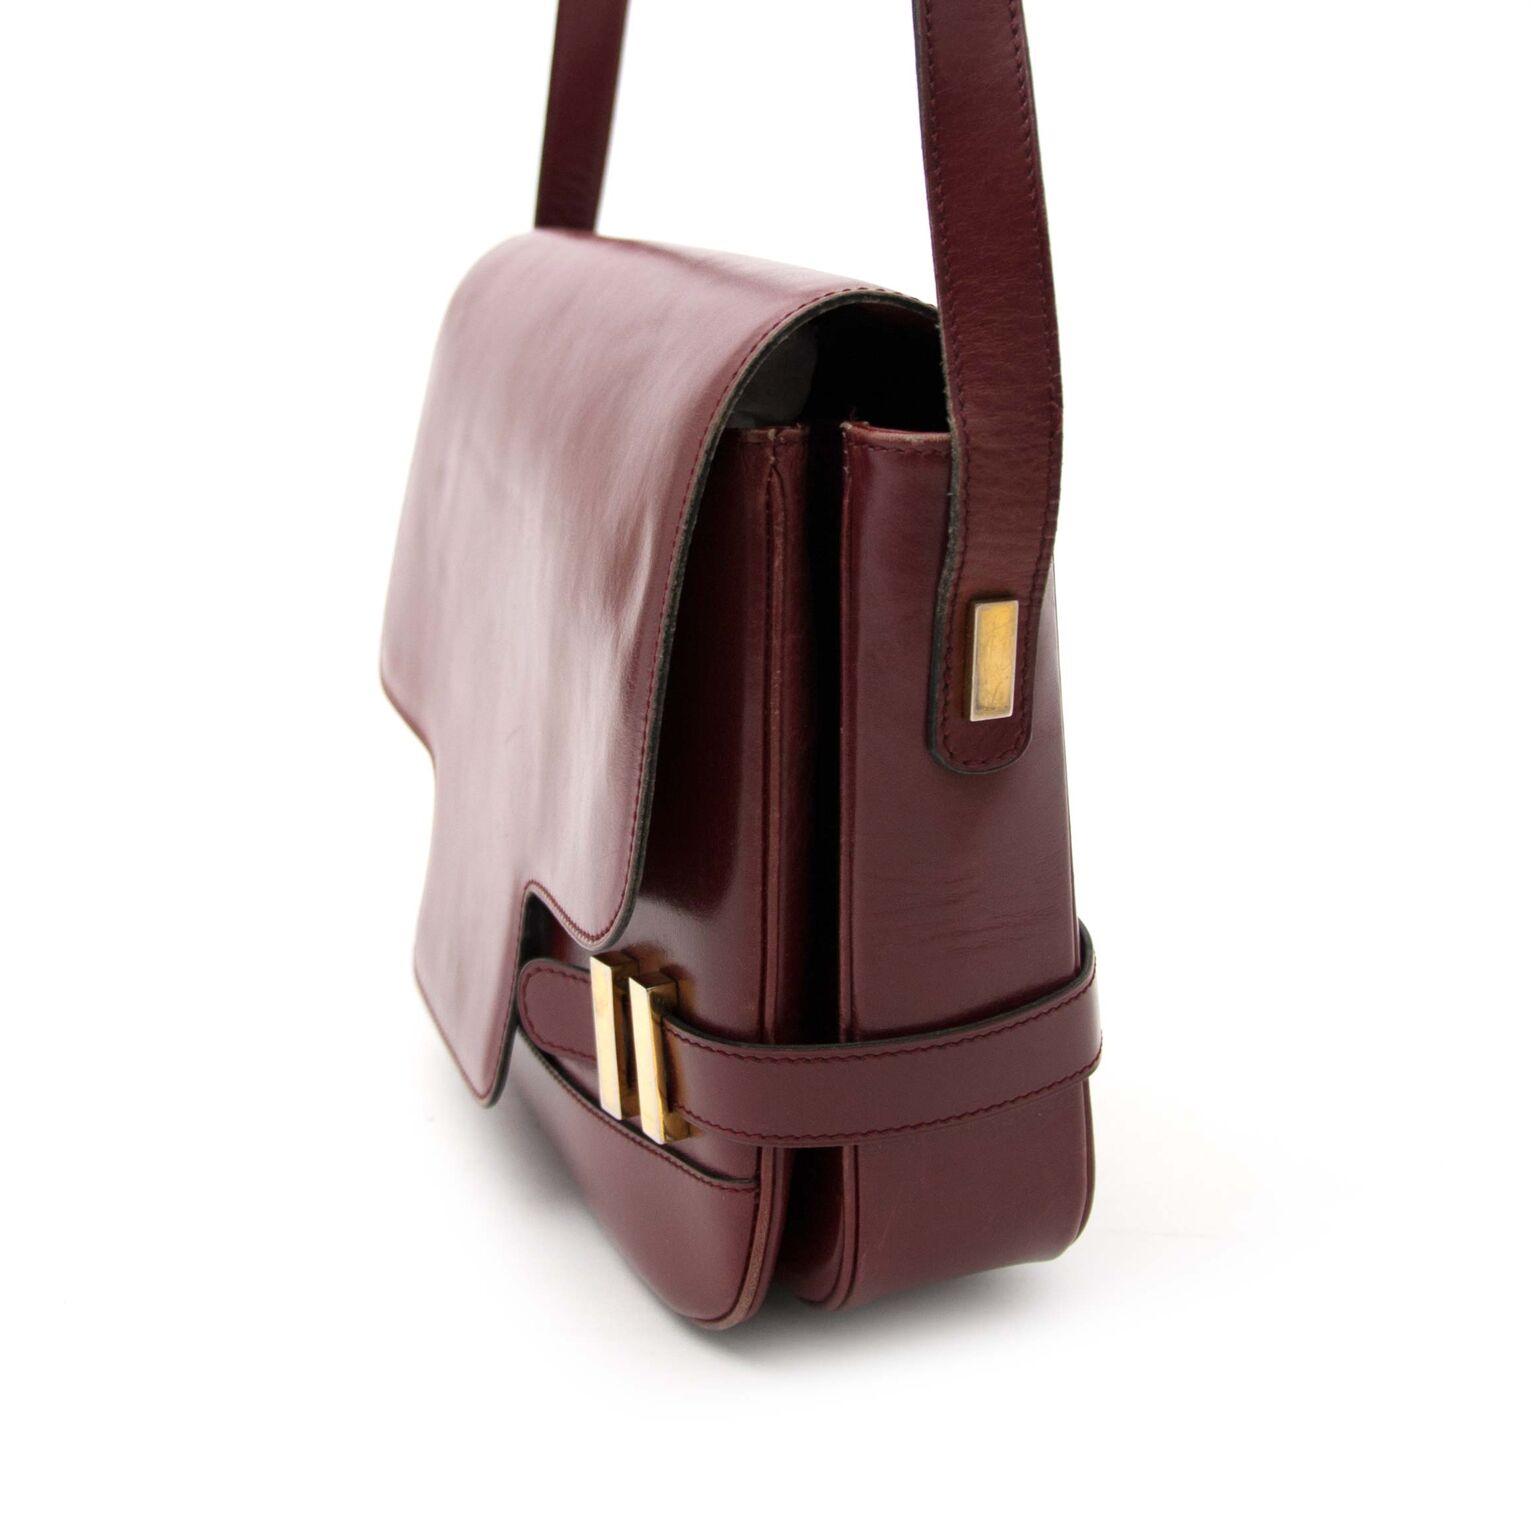 Buy now a authentic vintage Delvaux handbag